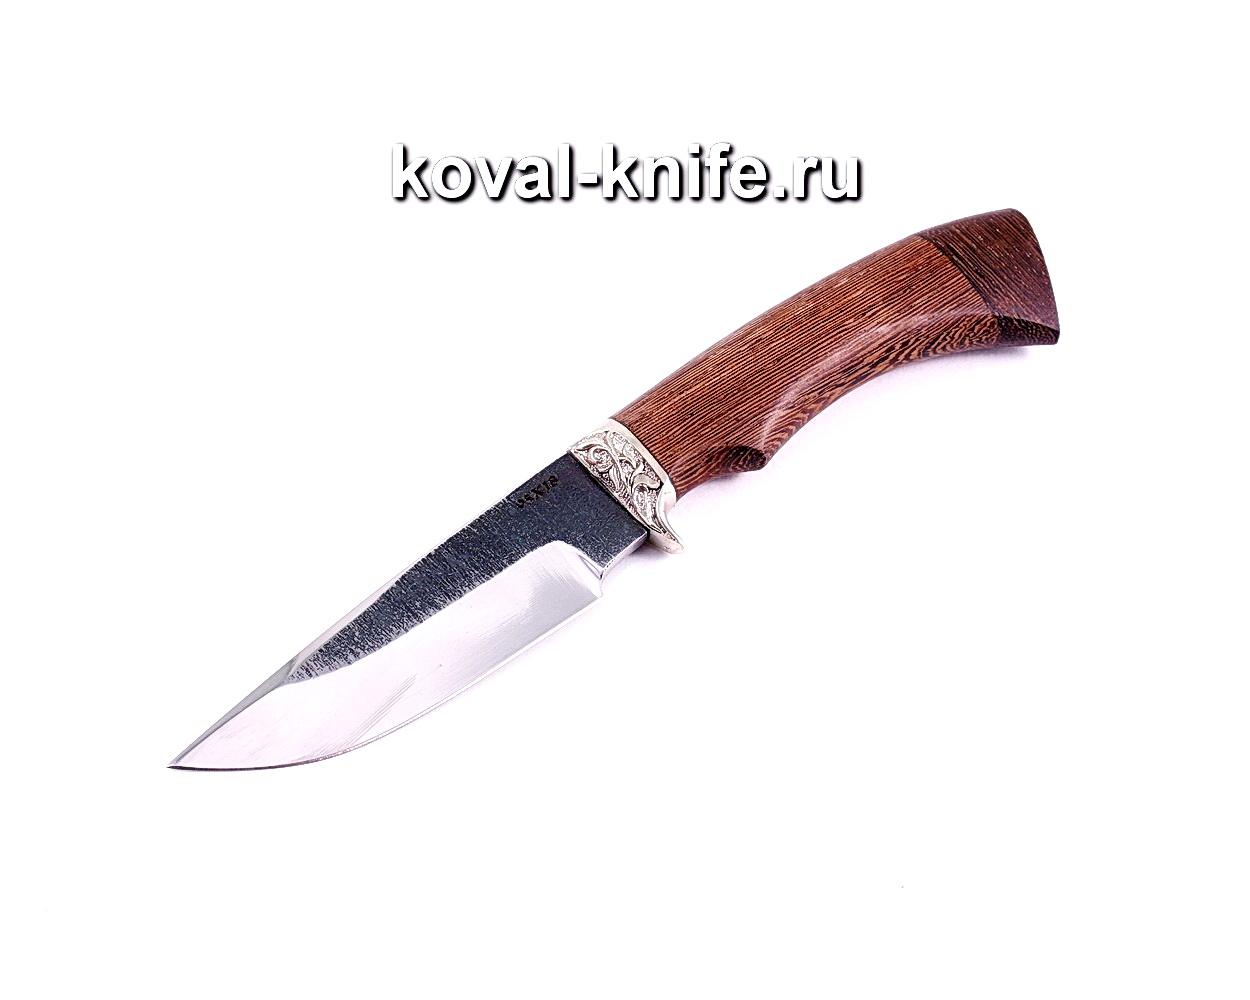 Нож Норвег (сталь 95х18), рукоять венге, литье A025